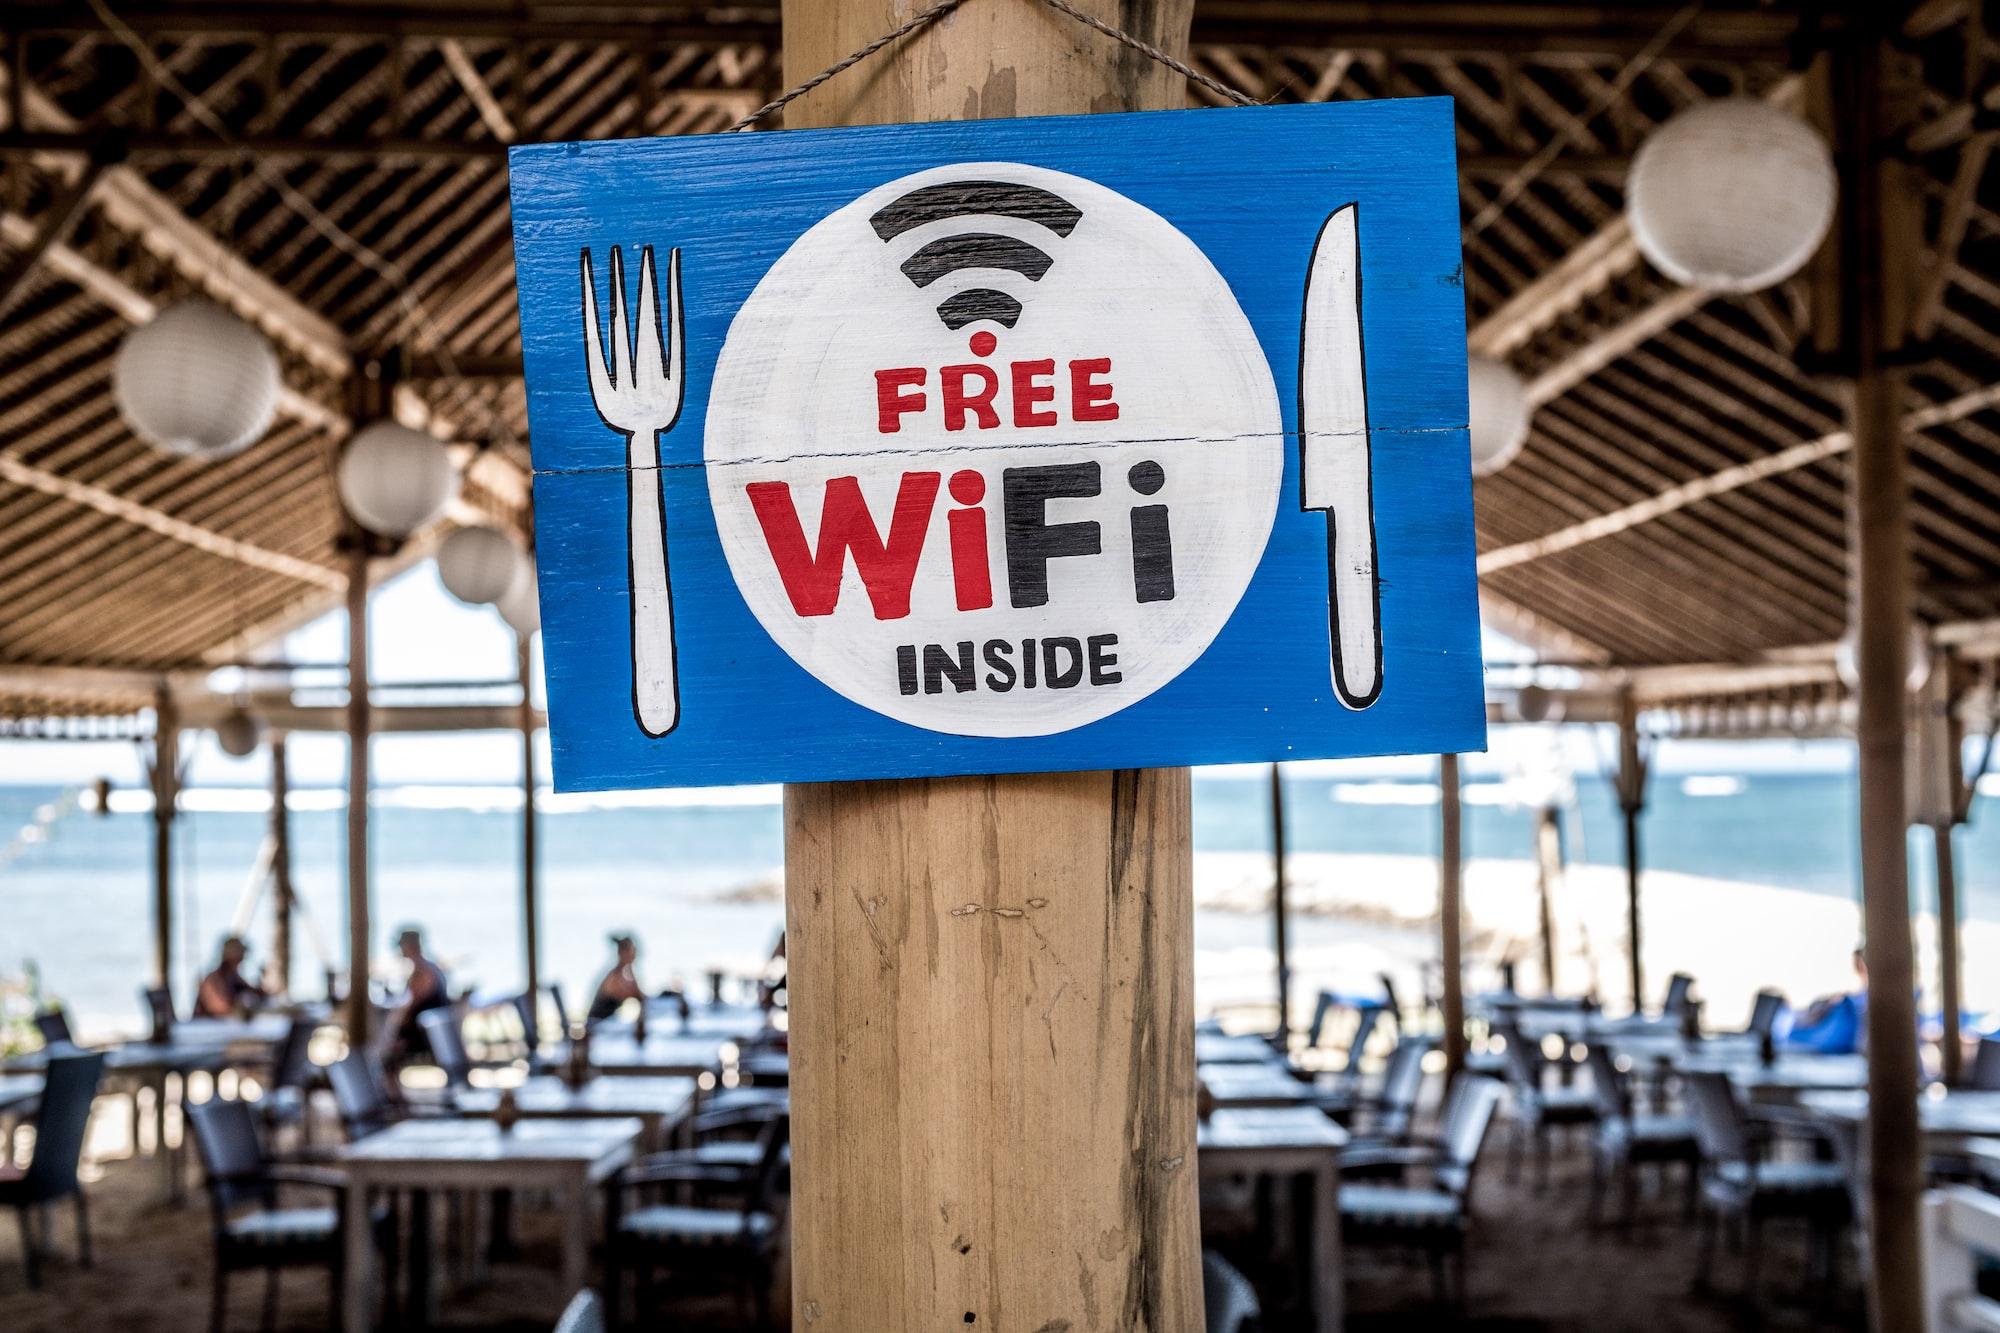 Krijg toegang tot de verboden WiFi instellingen op je b-box 3V+ in no time!